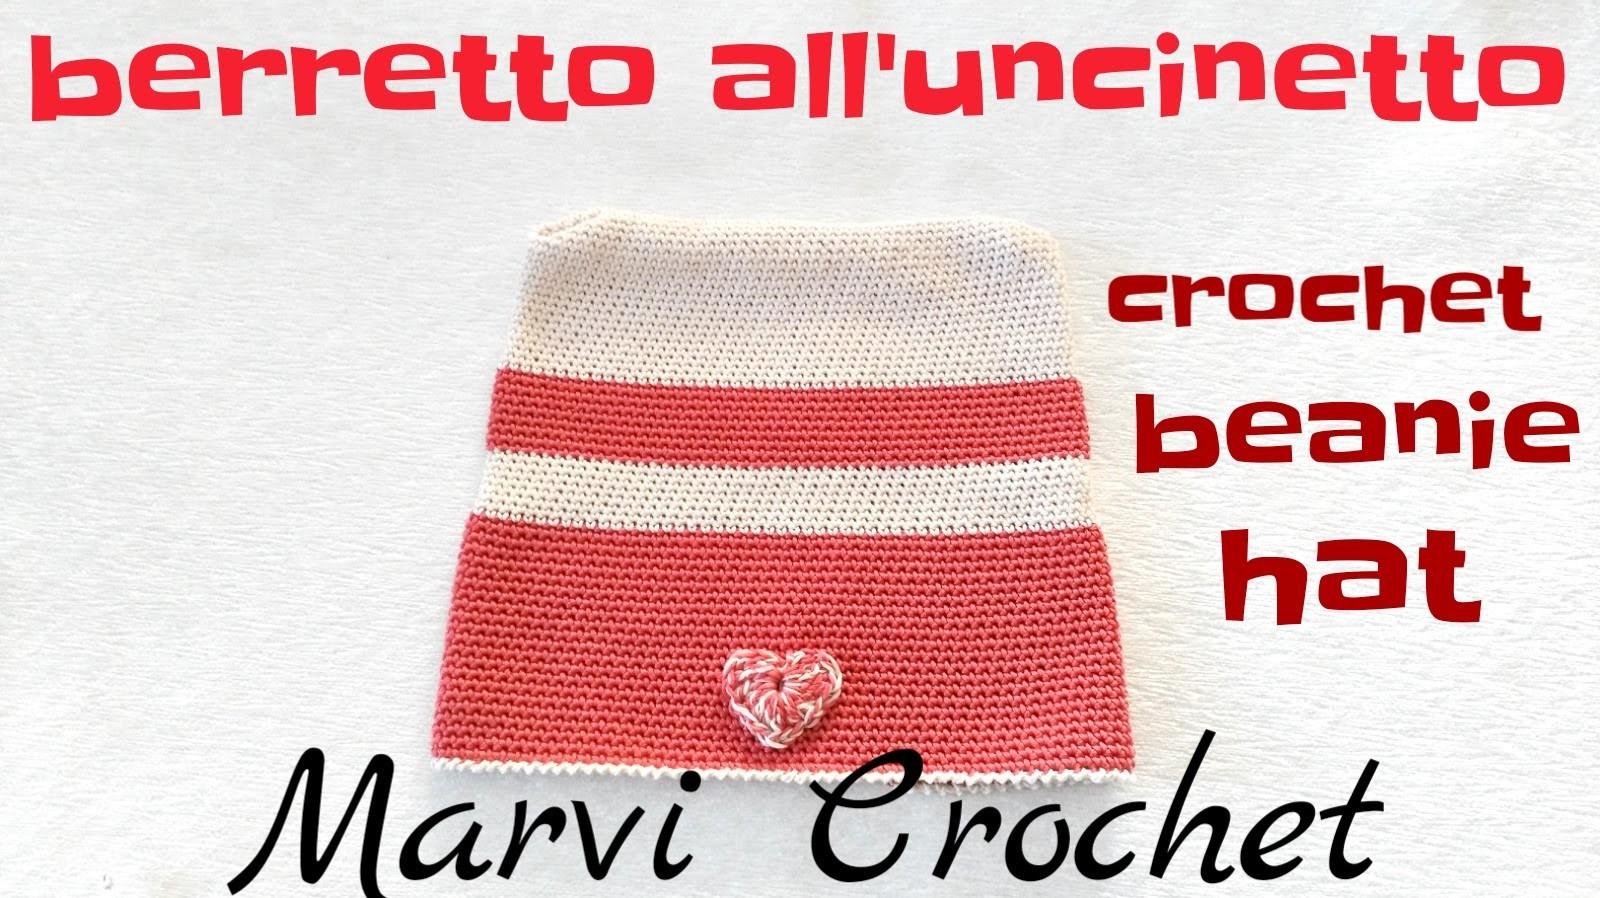 Tutorial berretto cappello all'uncinetto,crochet beanie hat